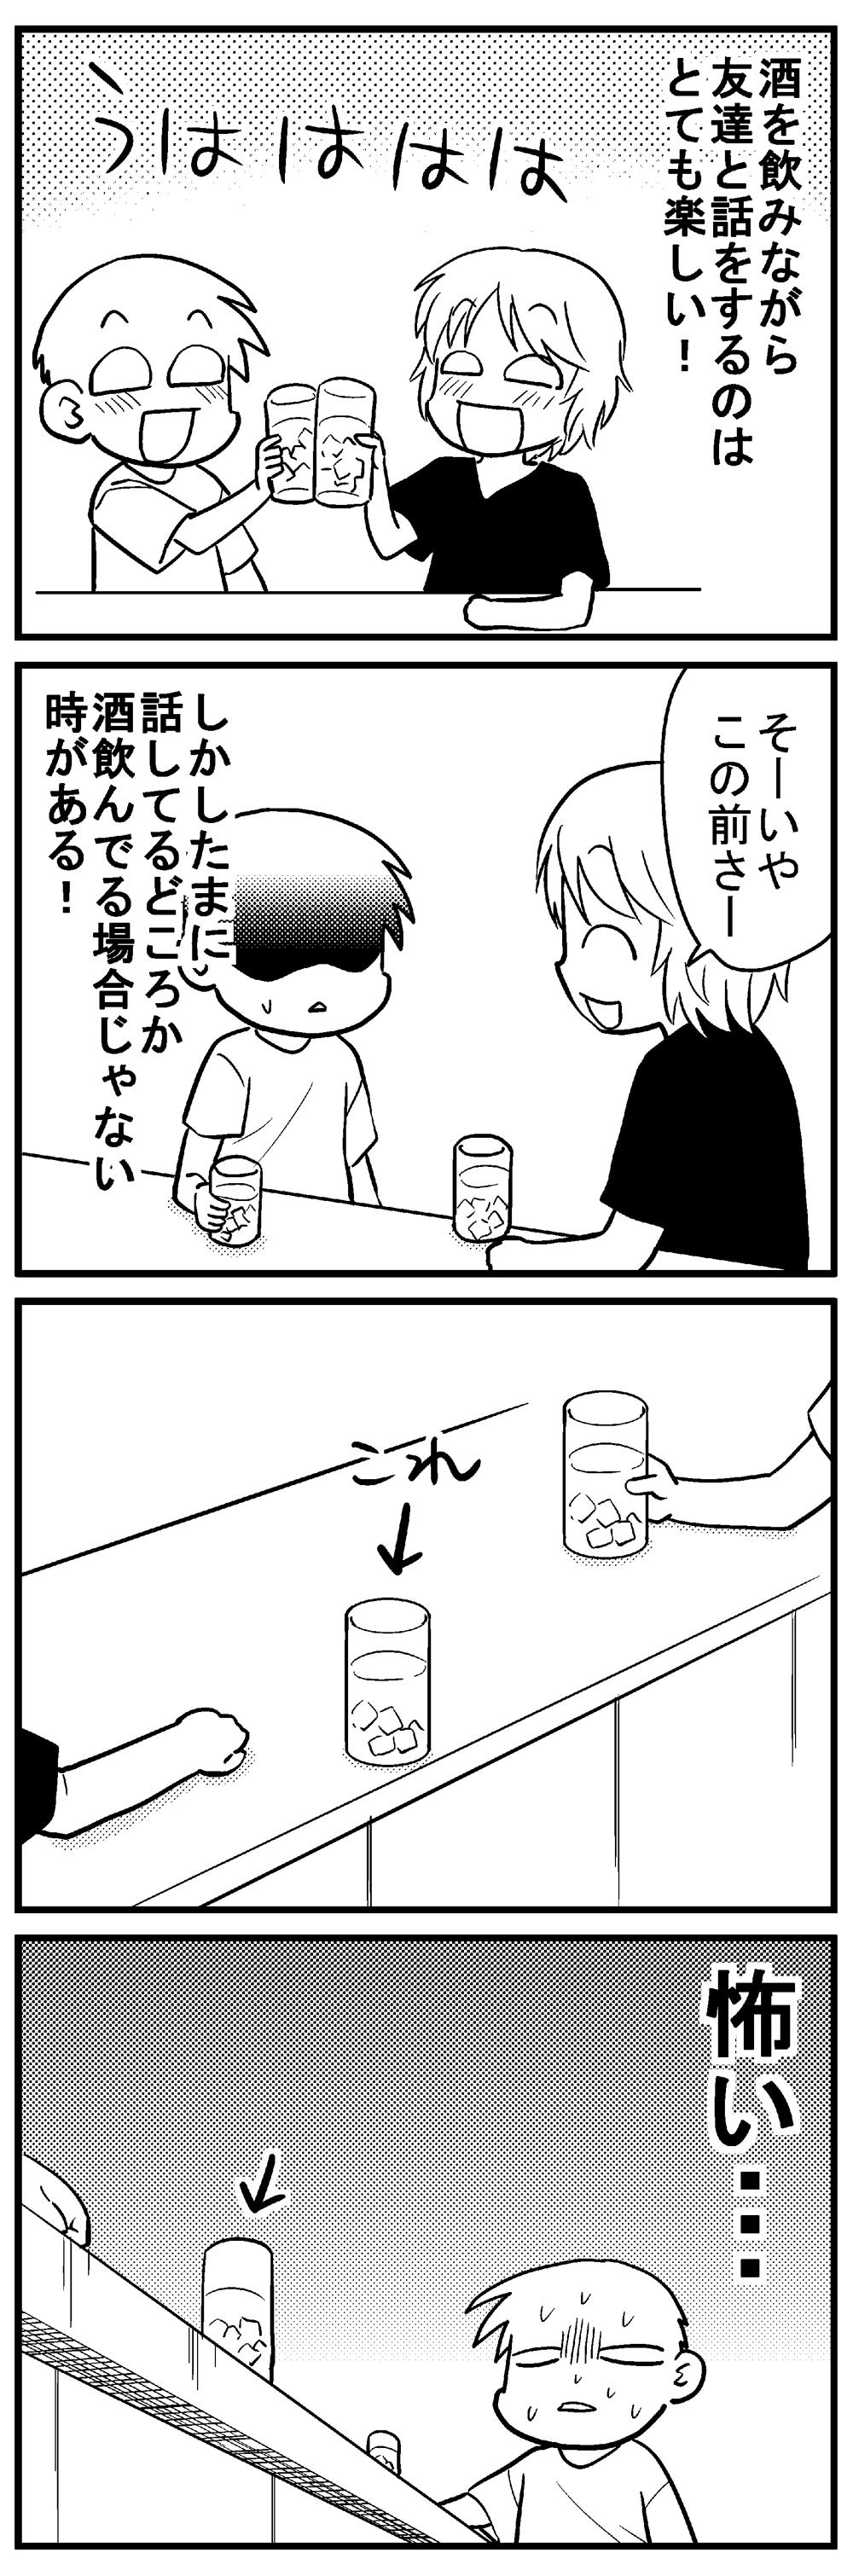 深読みくん71-1